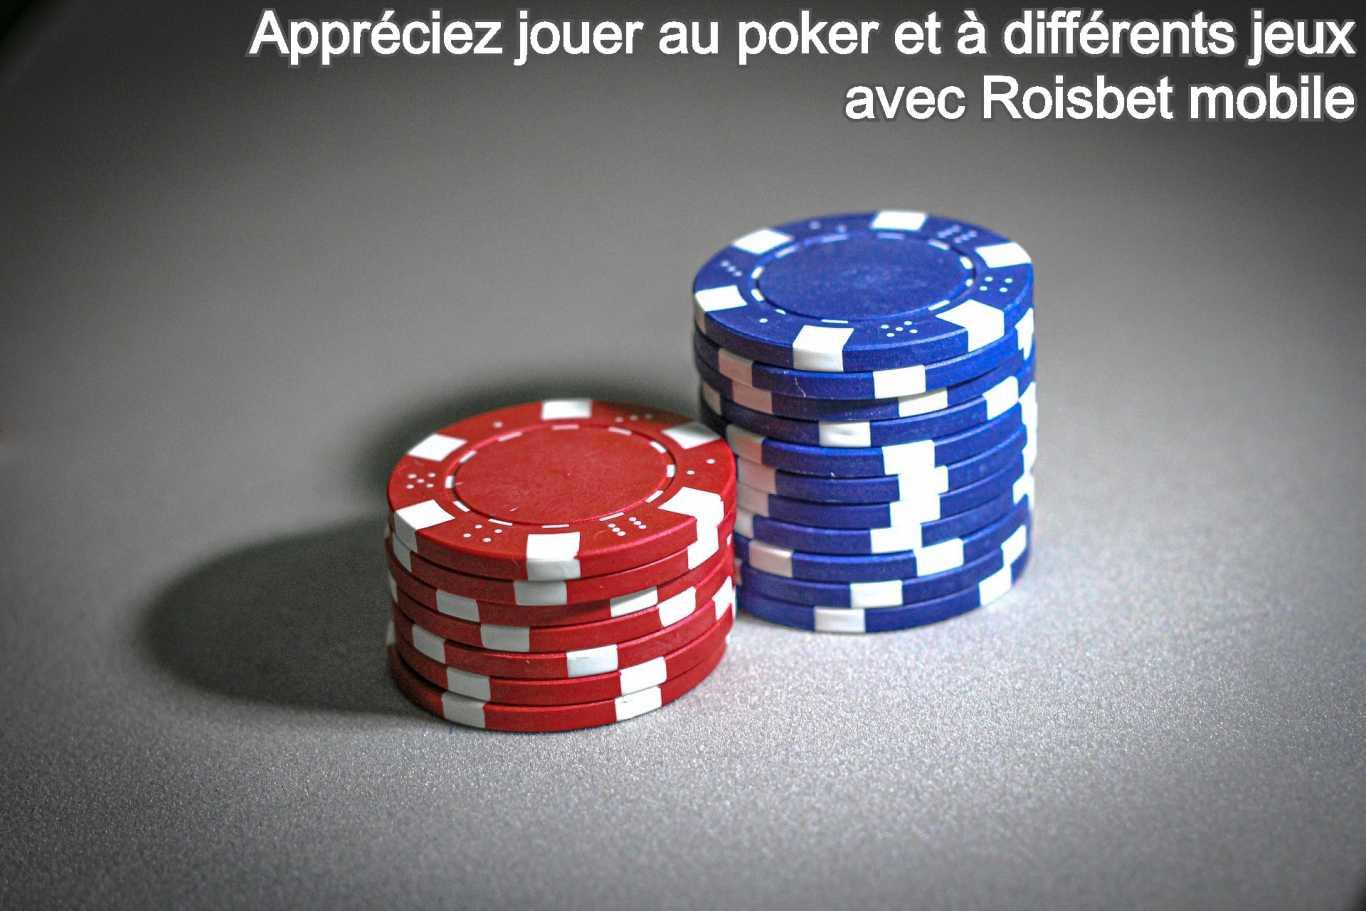 Appréciez jouer au poker et à différents jeux avec Roisbet mobile